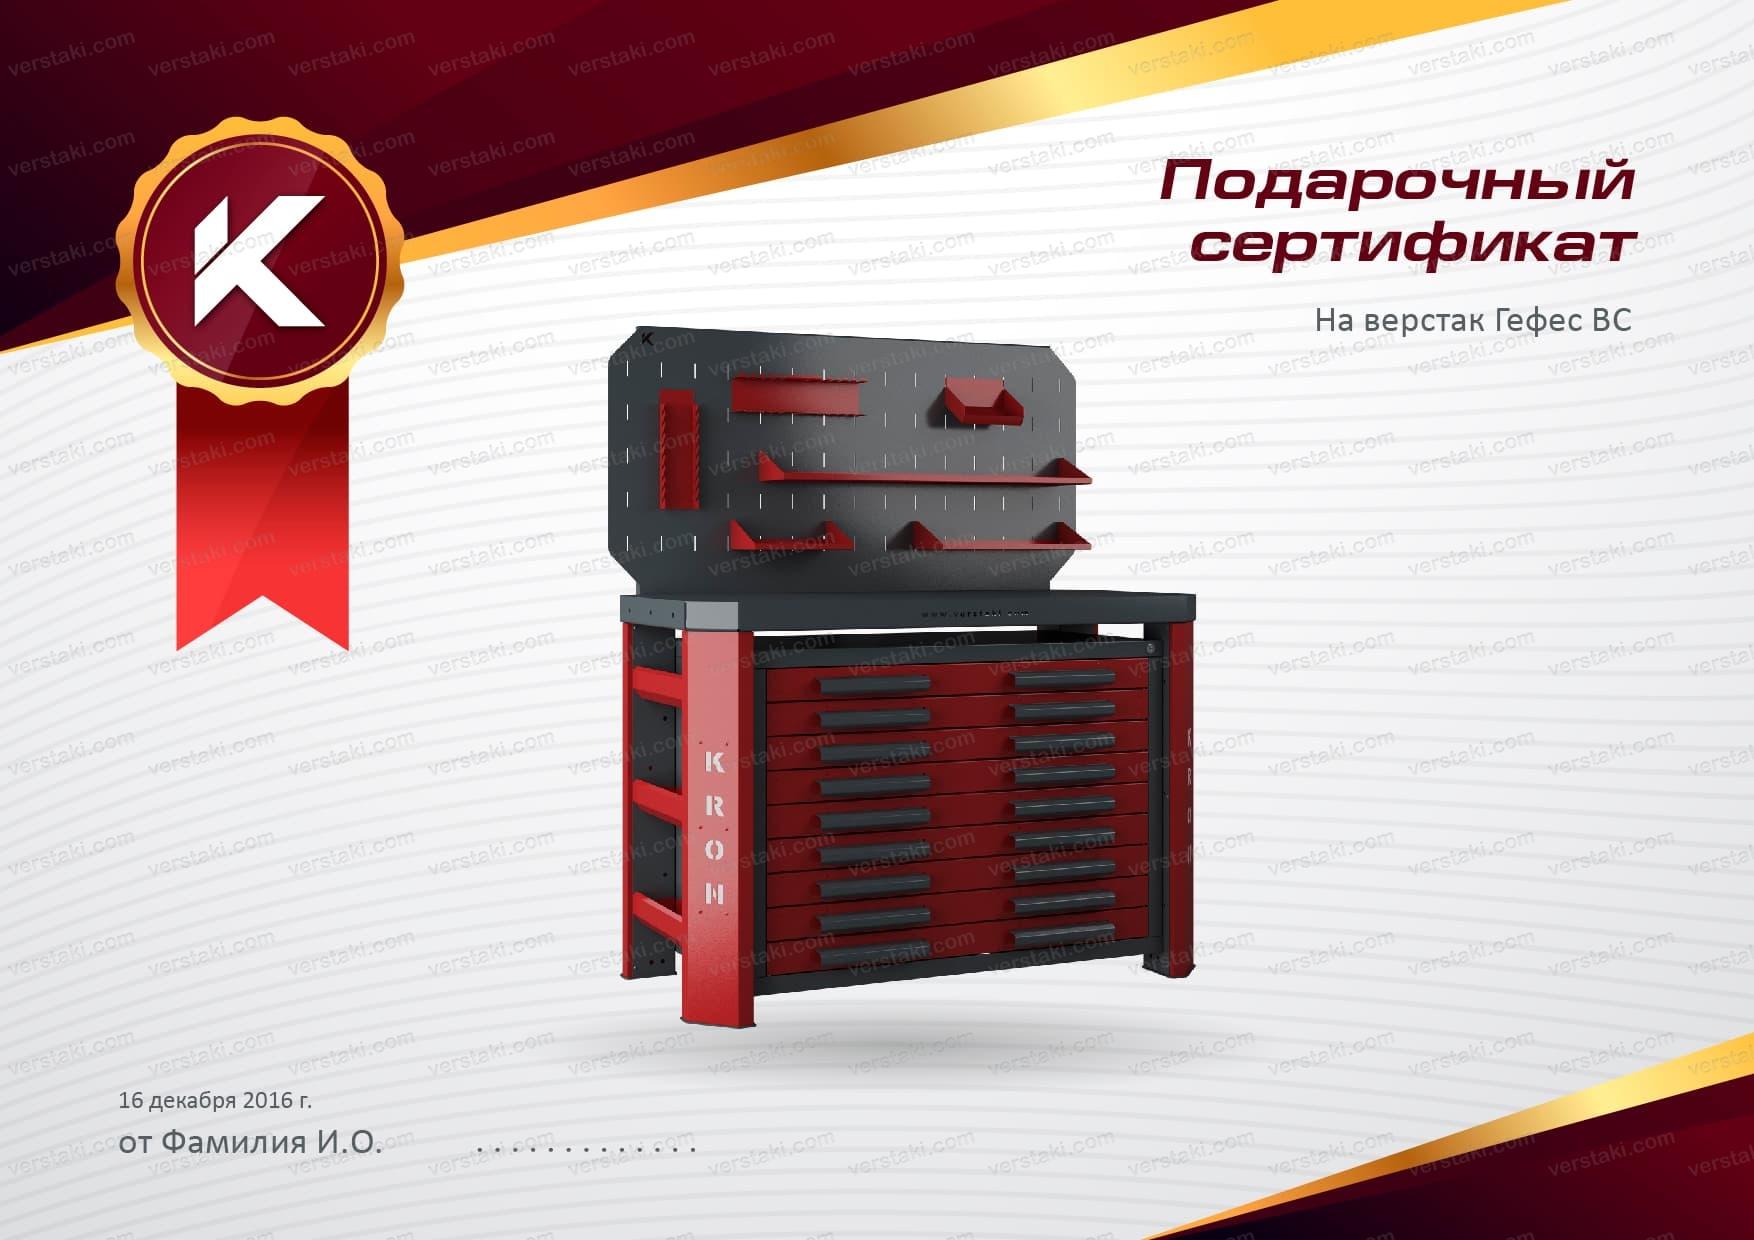 Подарочный сертификат на верстак Гефест ВС